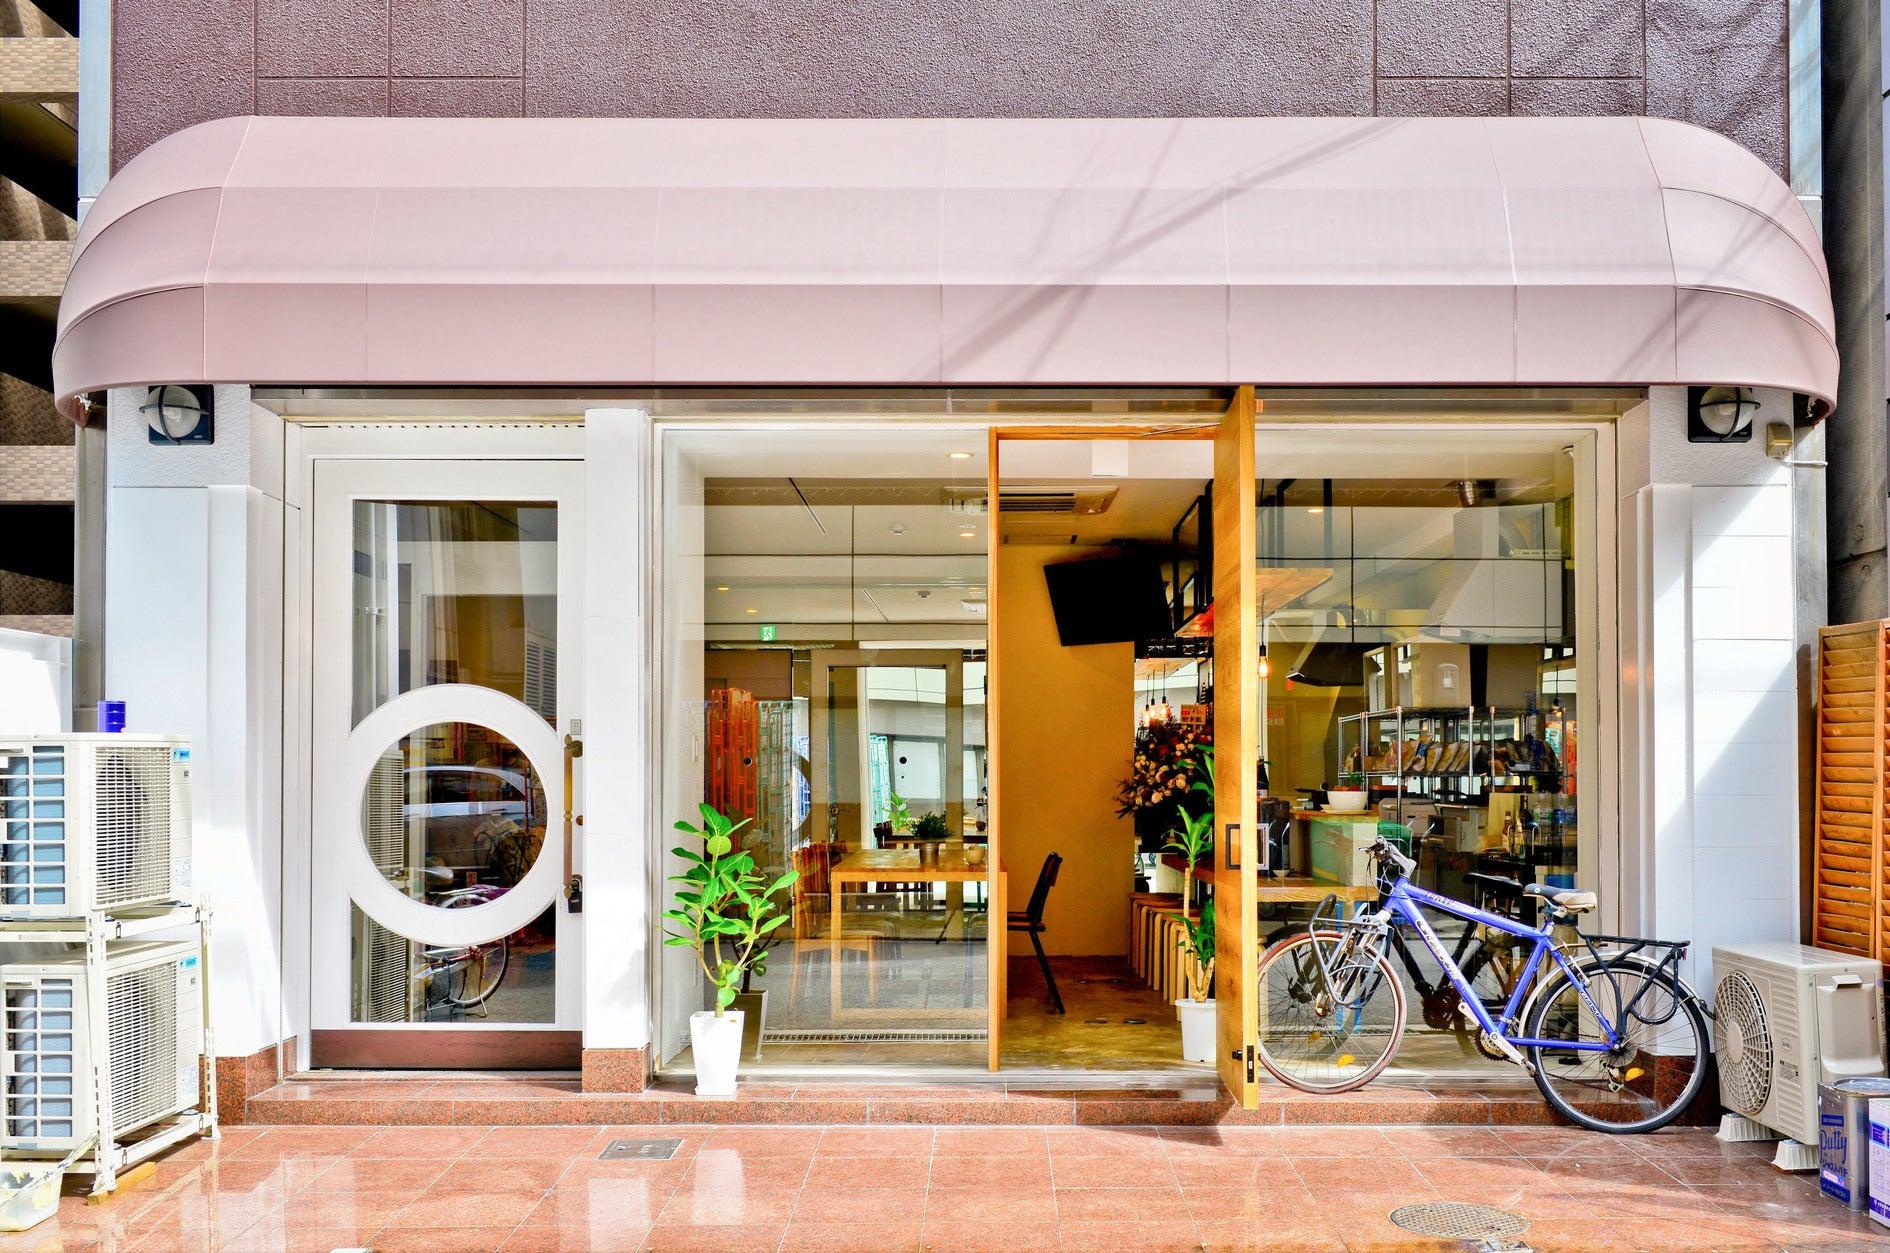 長堀橋駅より徒歩4分。共用部は18人まで利用可能。お茶会、会議など様々な用途にお使いいただけます。 のサムネイル